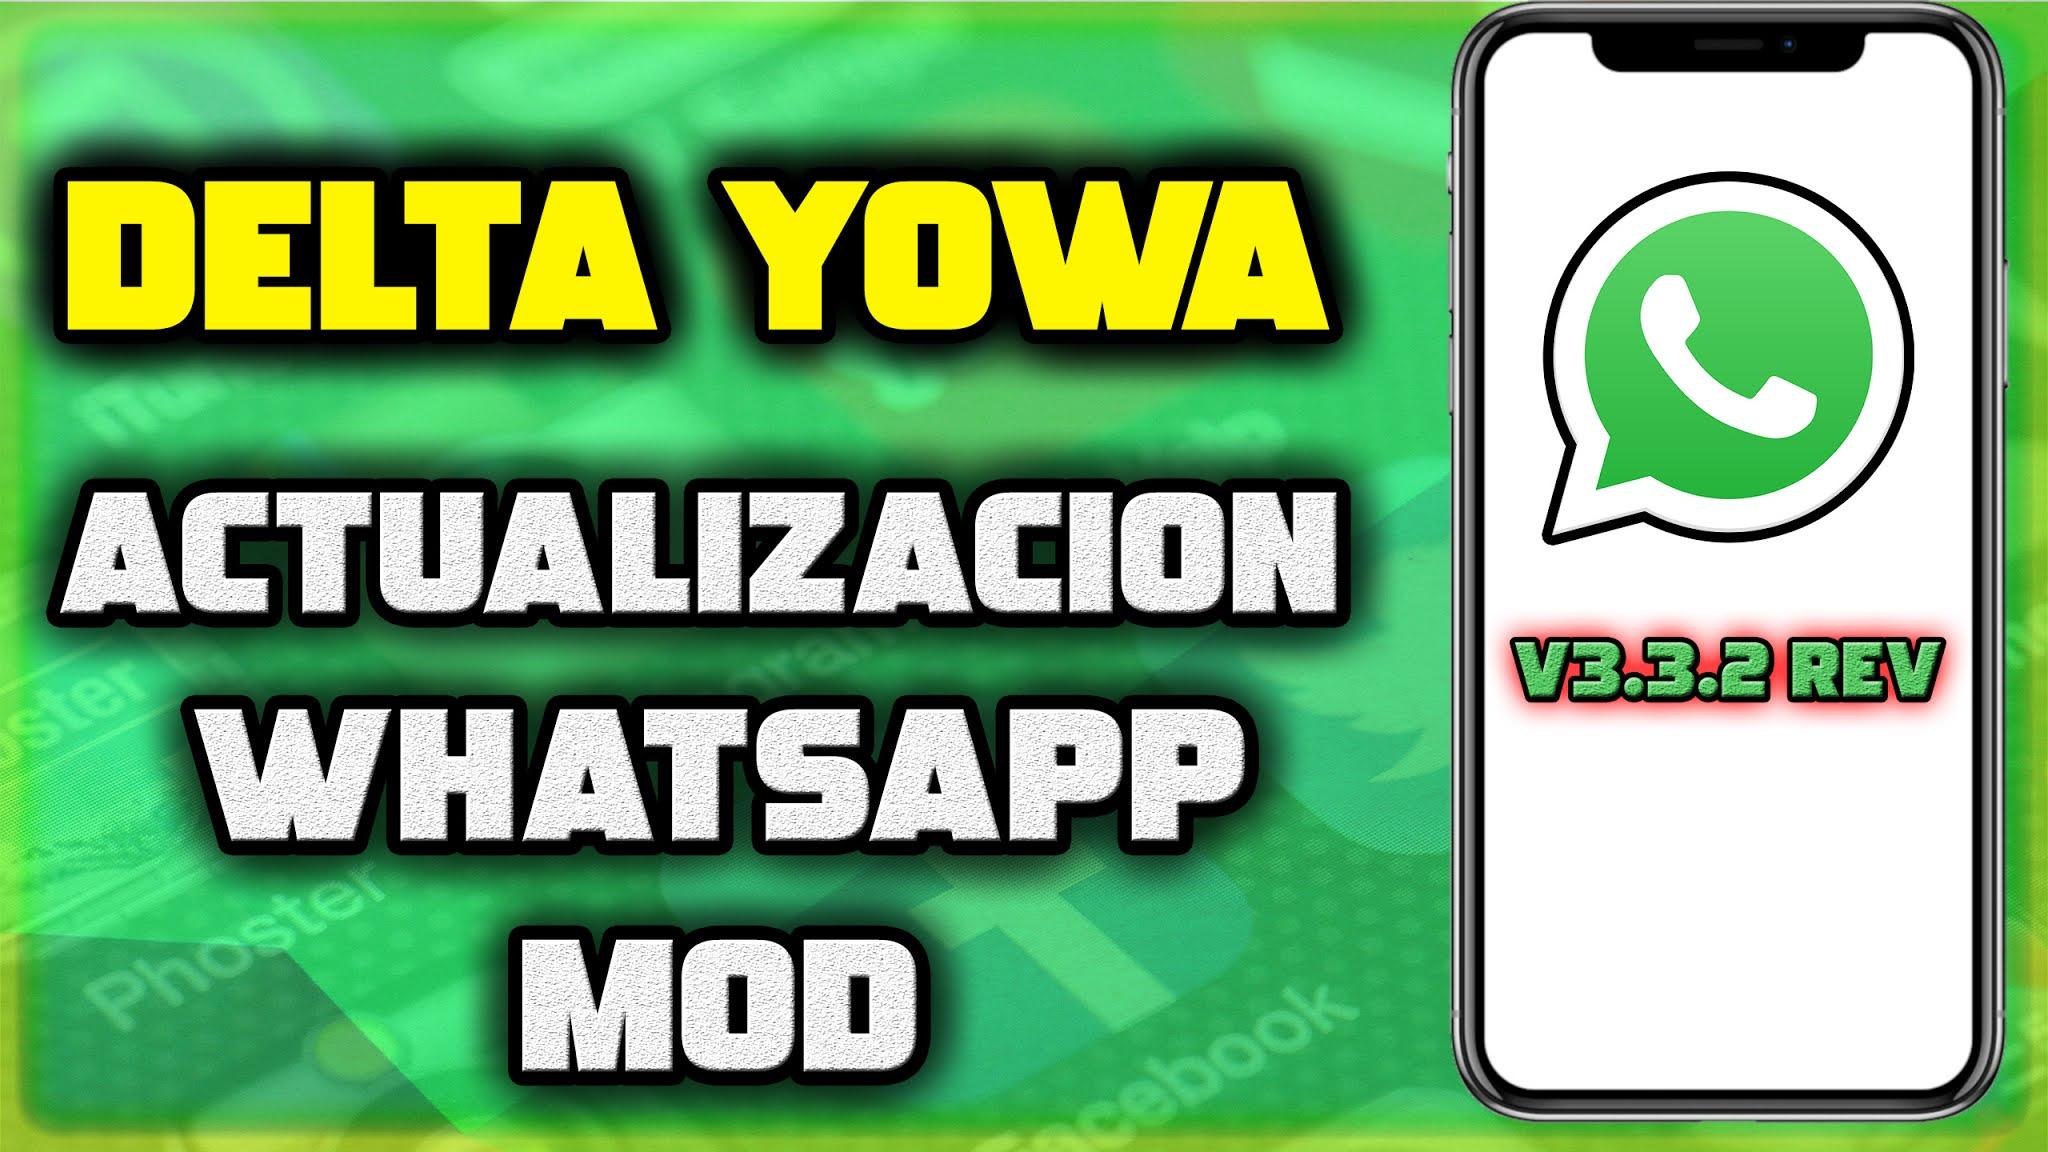 Actualización Delta Yowa v3.3.2 Rev